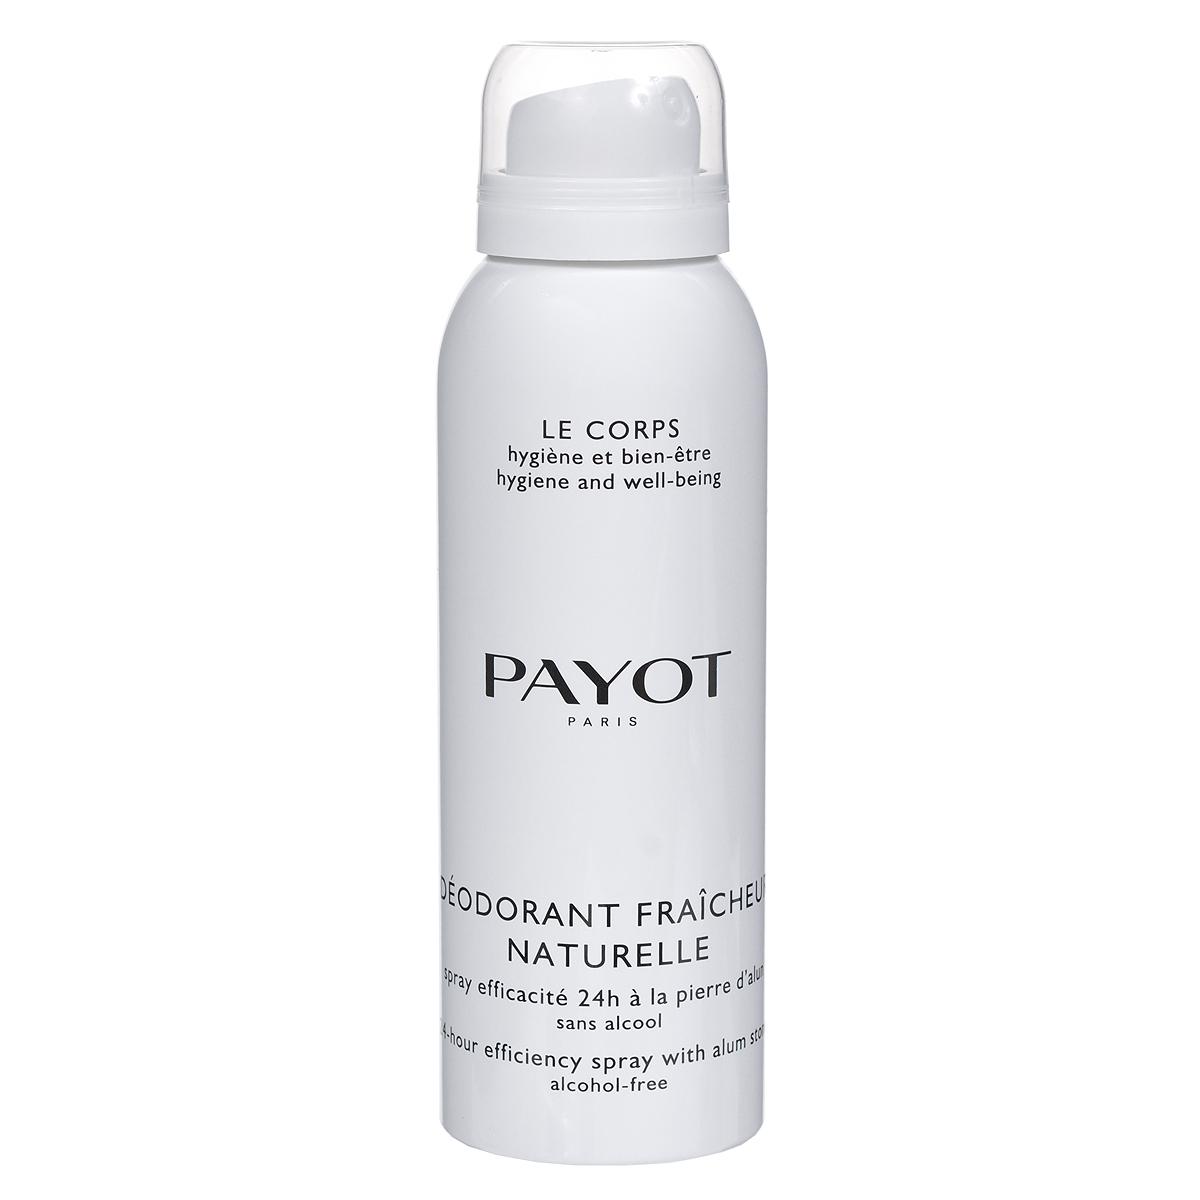 Payot Дезодорант-спрей Naturelle, женский, 125 мл65090578Дезодорант 24-часового действия на основе алюмокалиевых квасцов. Спрей-дезодорант Payot Naturelle с легким ароматом, без спирта, обеспечивает ощущение свежести в течение всего дня. Без резкого запаха, спрей позволяет достичь оптимального эффекта благодаря точному дозированию. Активные компоненты: Алюмокалиевые квасцы: вяжущее и очищающее действие, ограничивают распространение бактерий, являющихся причиной неприятных запахов. Масло сладкого миндаля: успокаивает кожу и устраняет высушивающее воздействие жесткой воды.